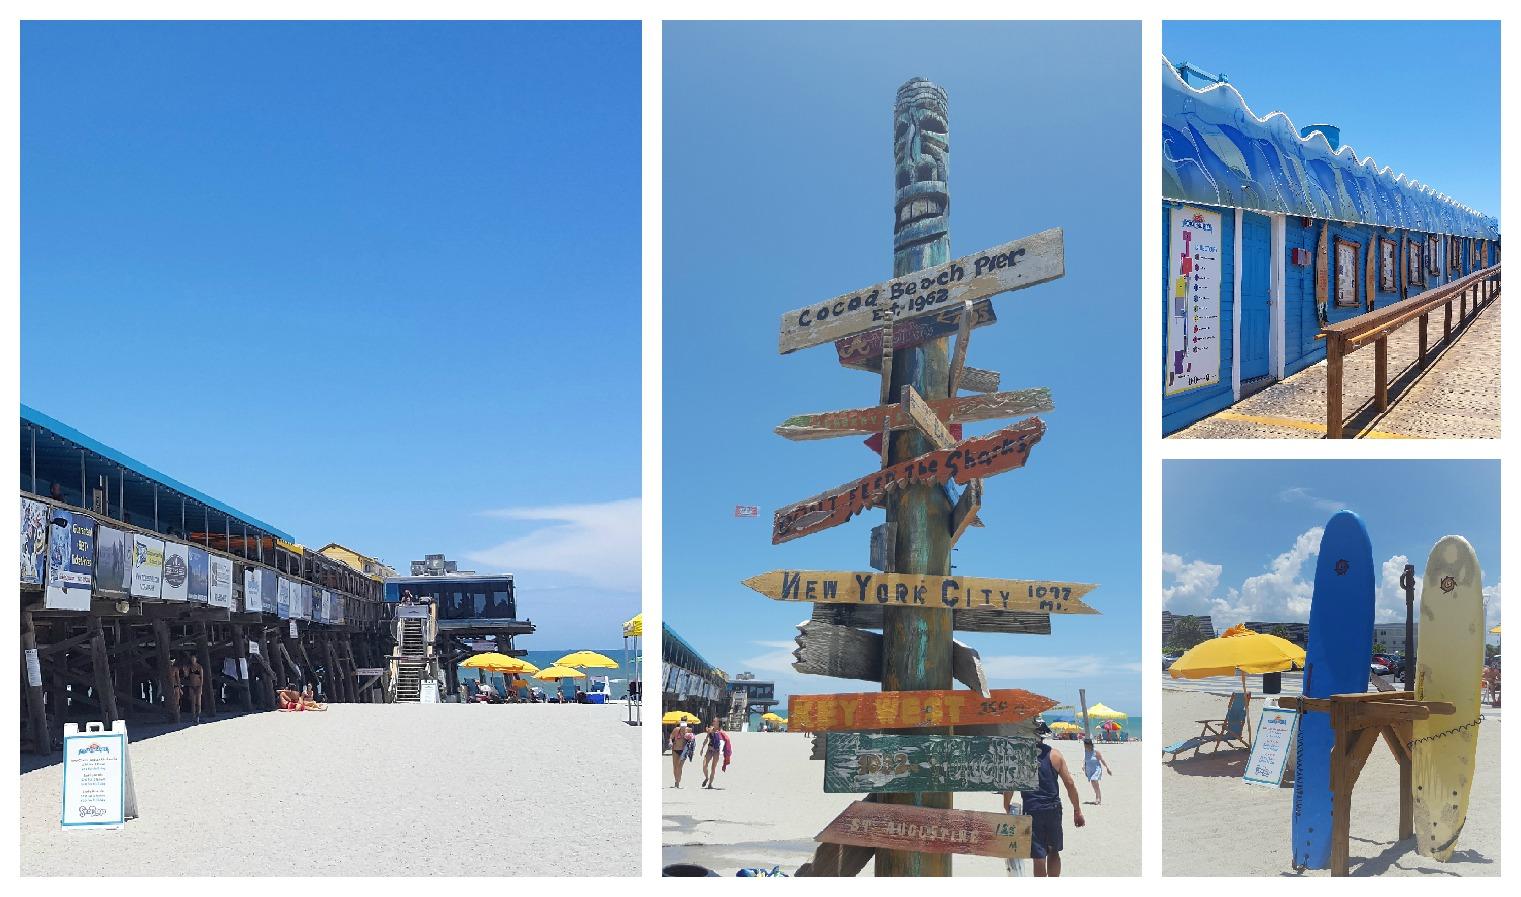 Cocoa Beach på Bilferie.